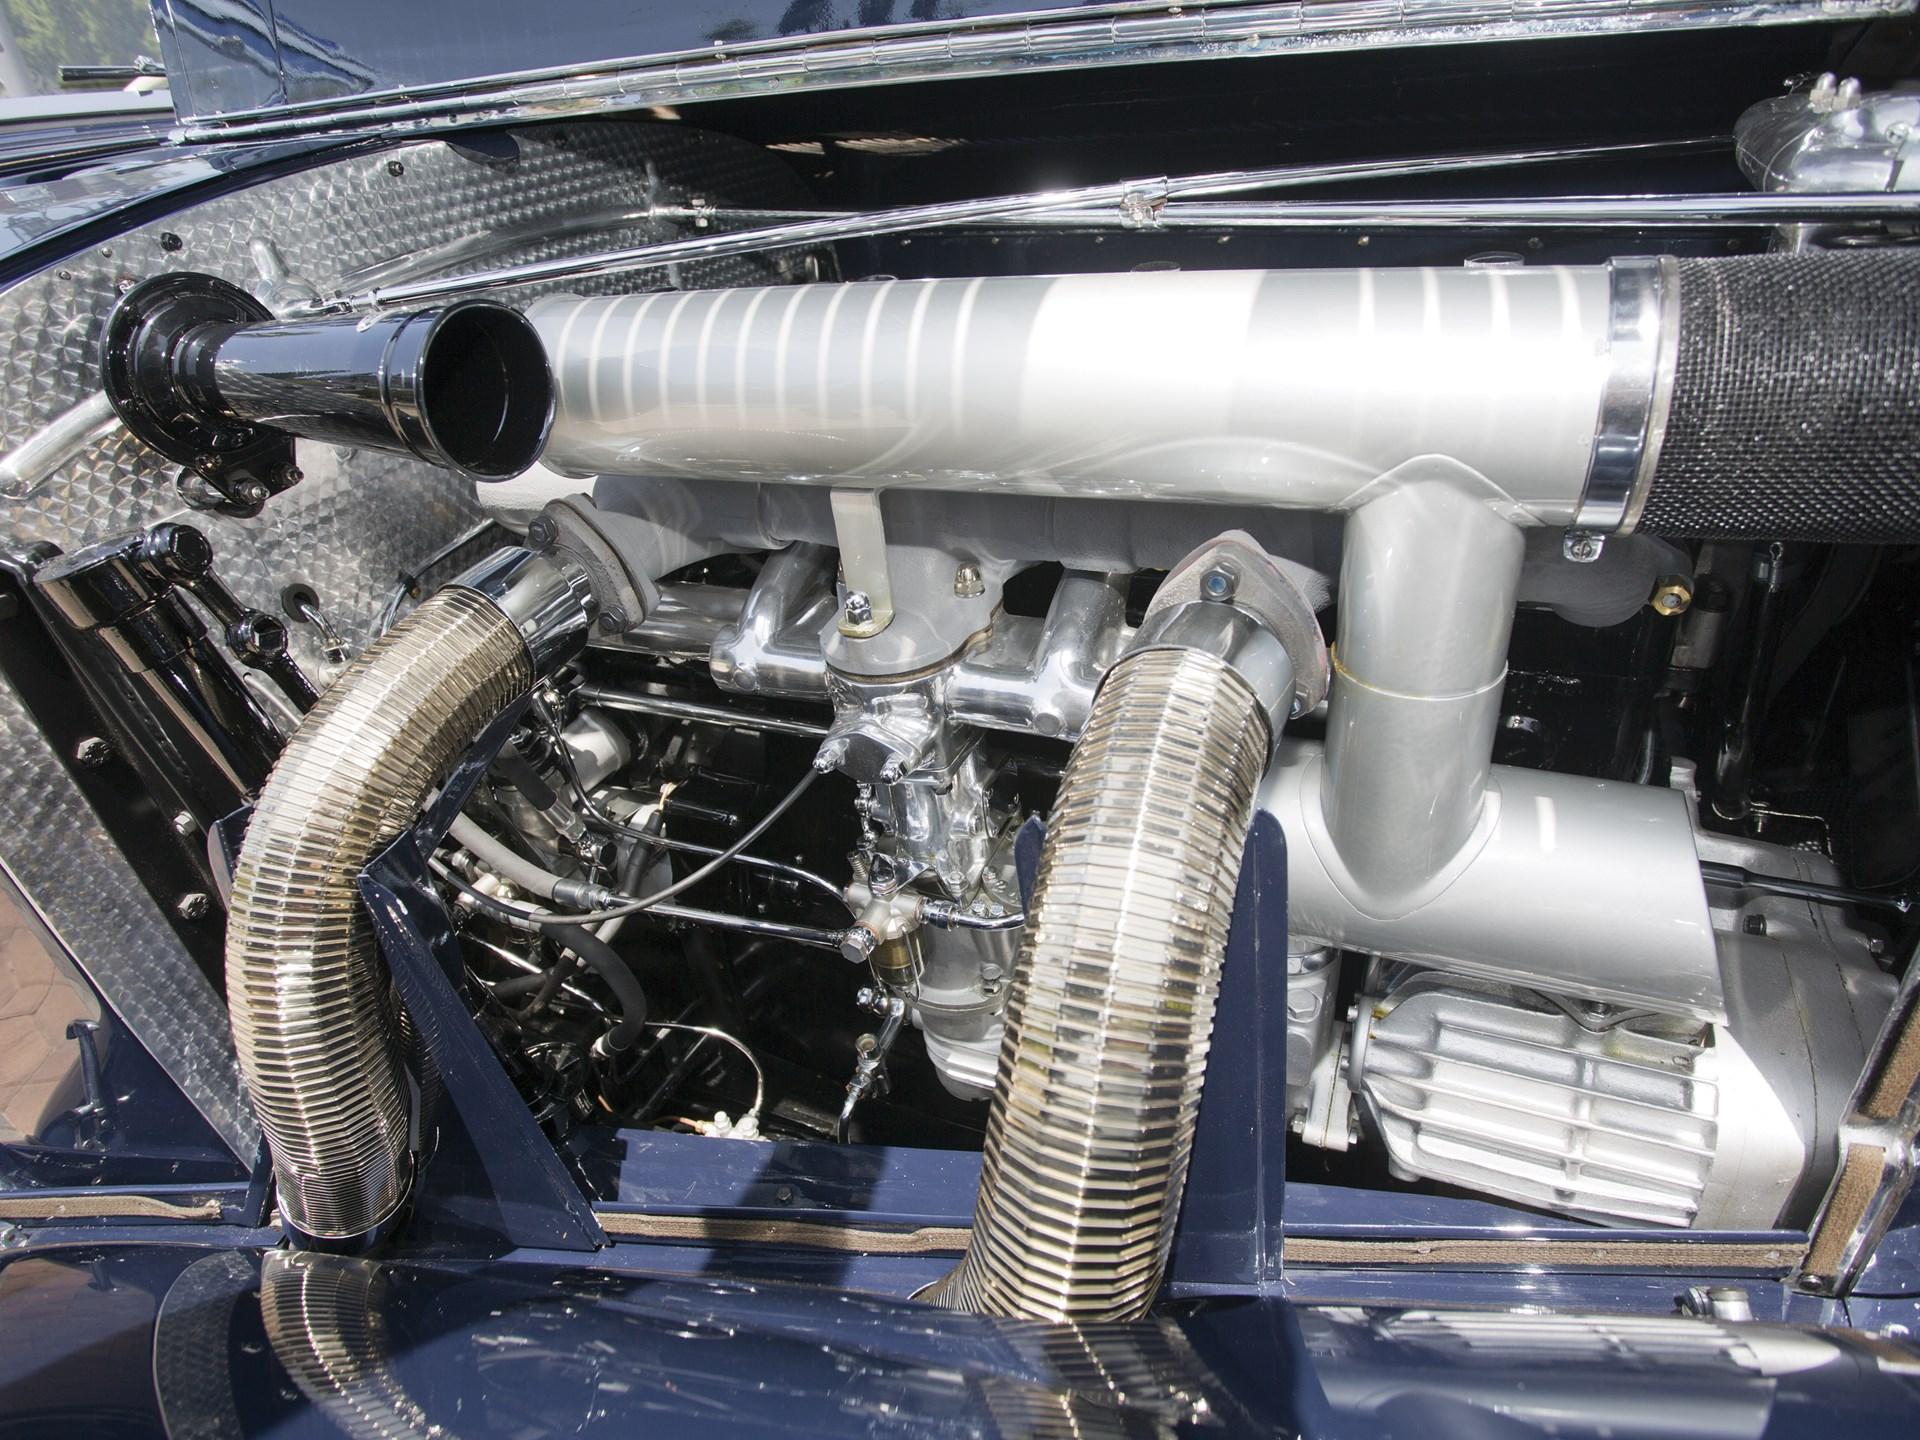 1939 Mercedes-Benz 540k supercharger